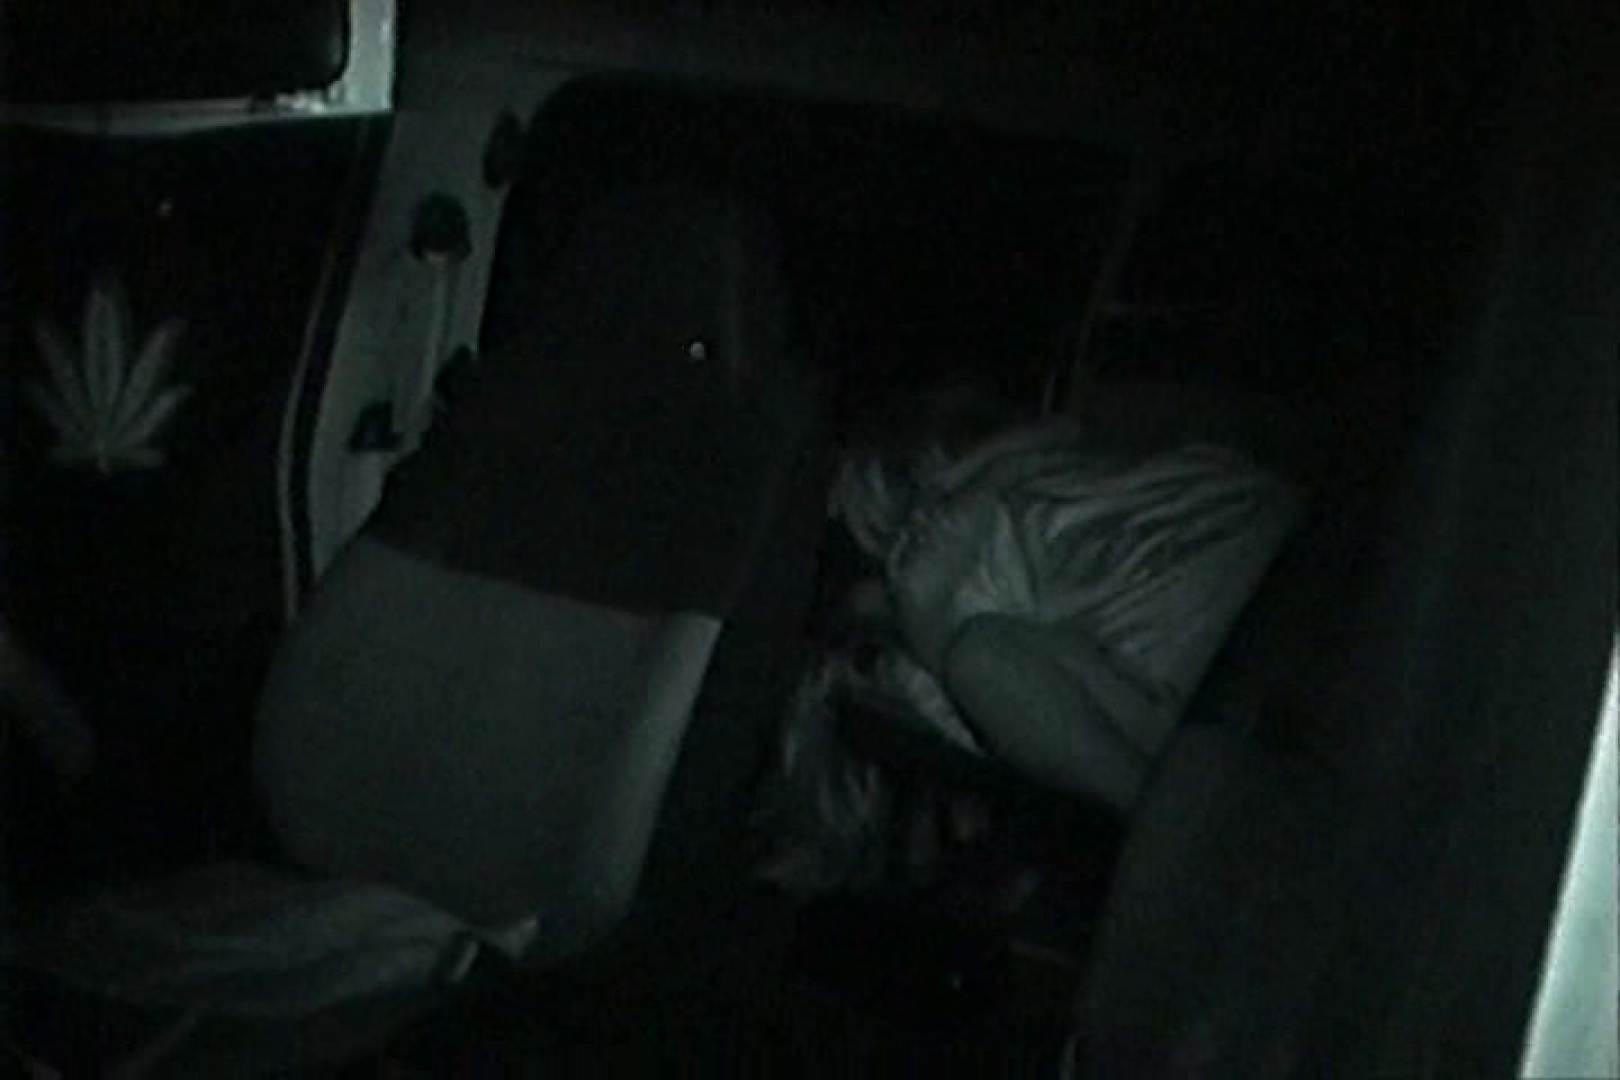 充血監督の深夜の運動会Vol.27 接写 盗撮えろ無修正画像 76画像 58